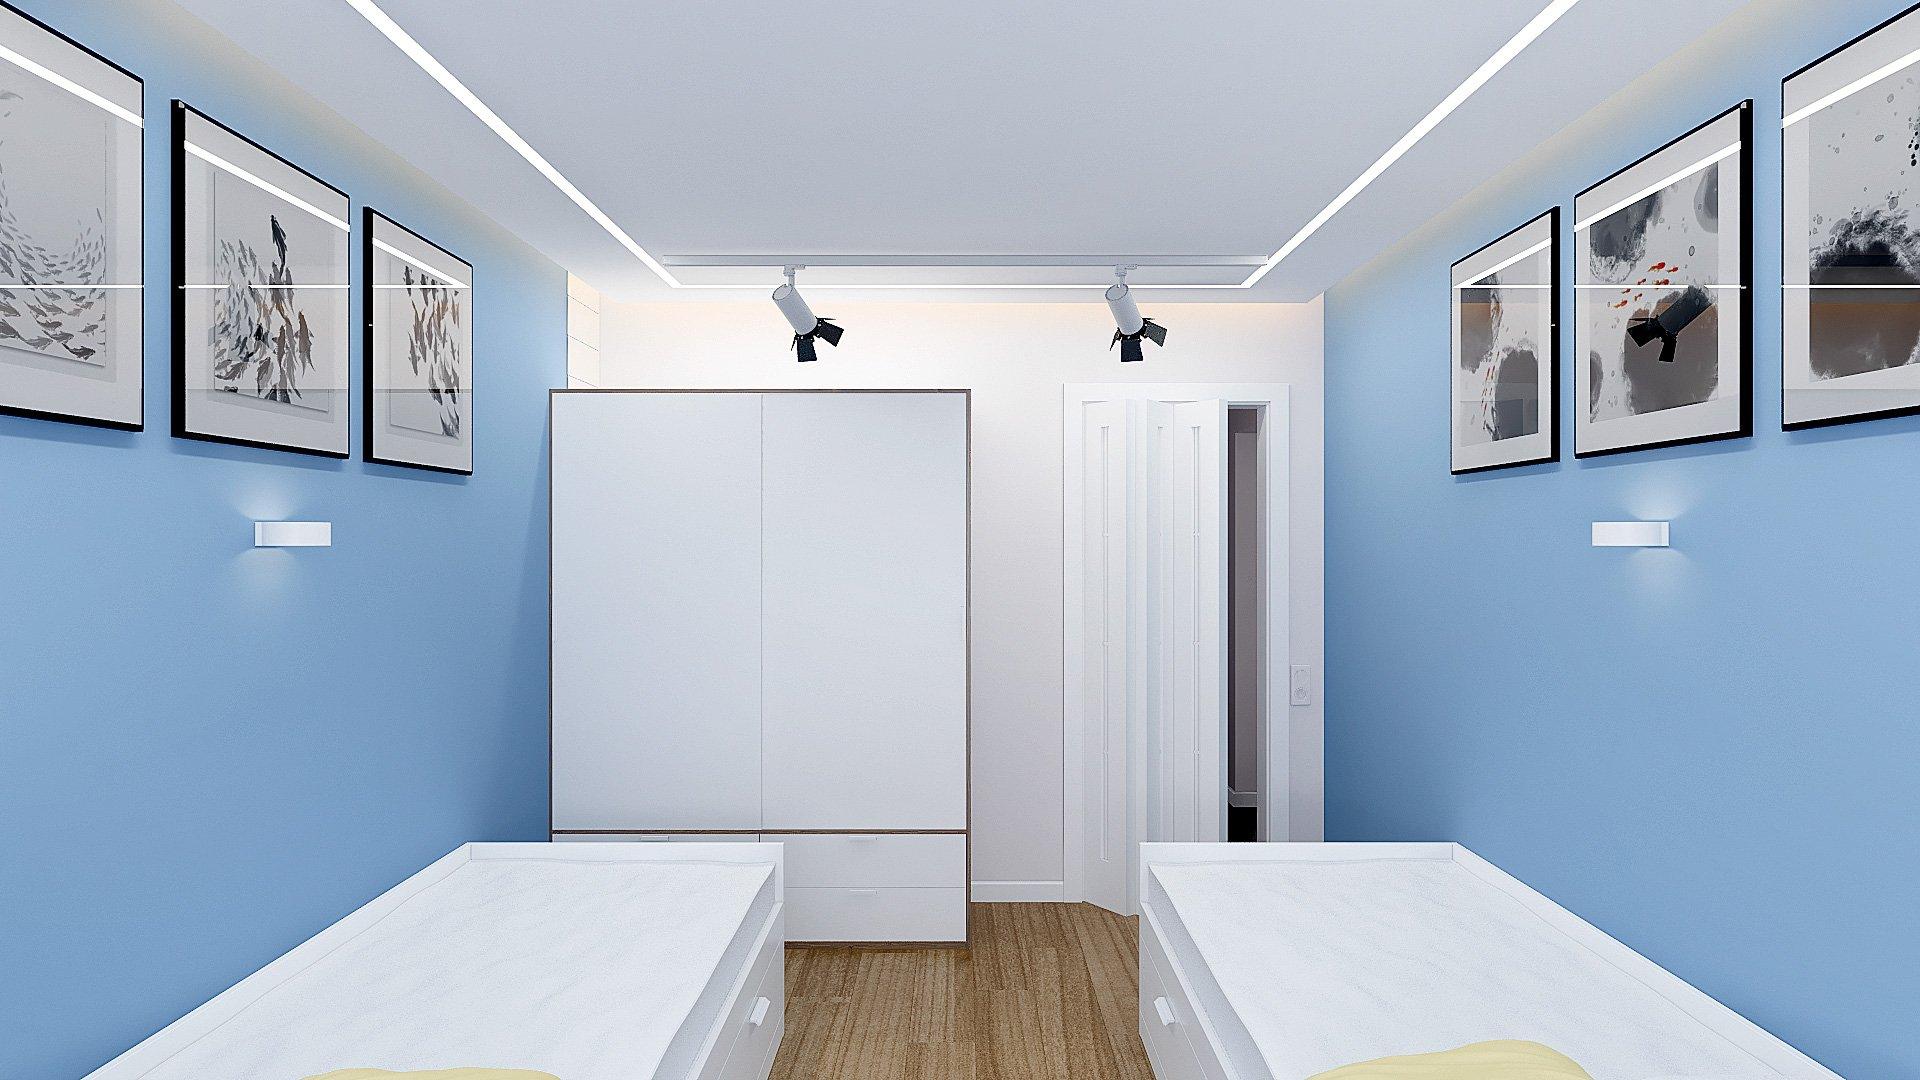 Дизайн интерьера детской комнаты в Гомеле, Изображение № 2, письменный стол у окна, кровати ИКЕА в интерьере детской, детская для двоих подростков, светильники на шинопроводе, голубые стены